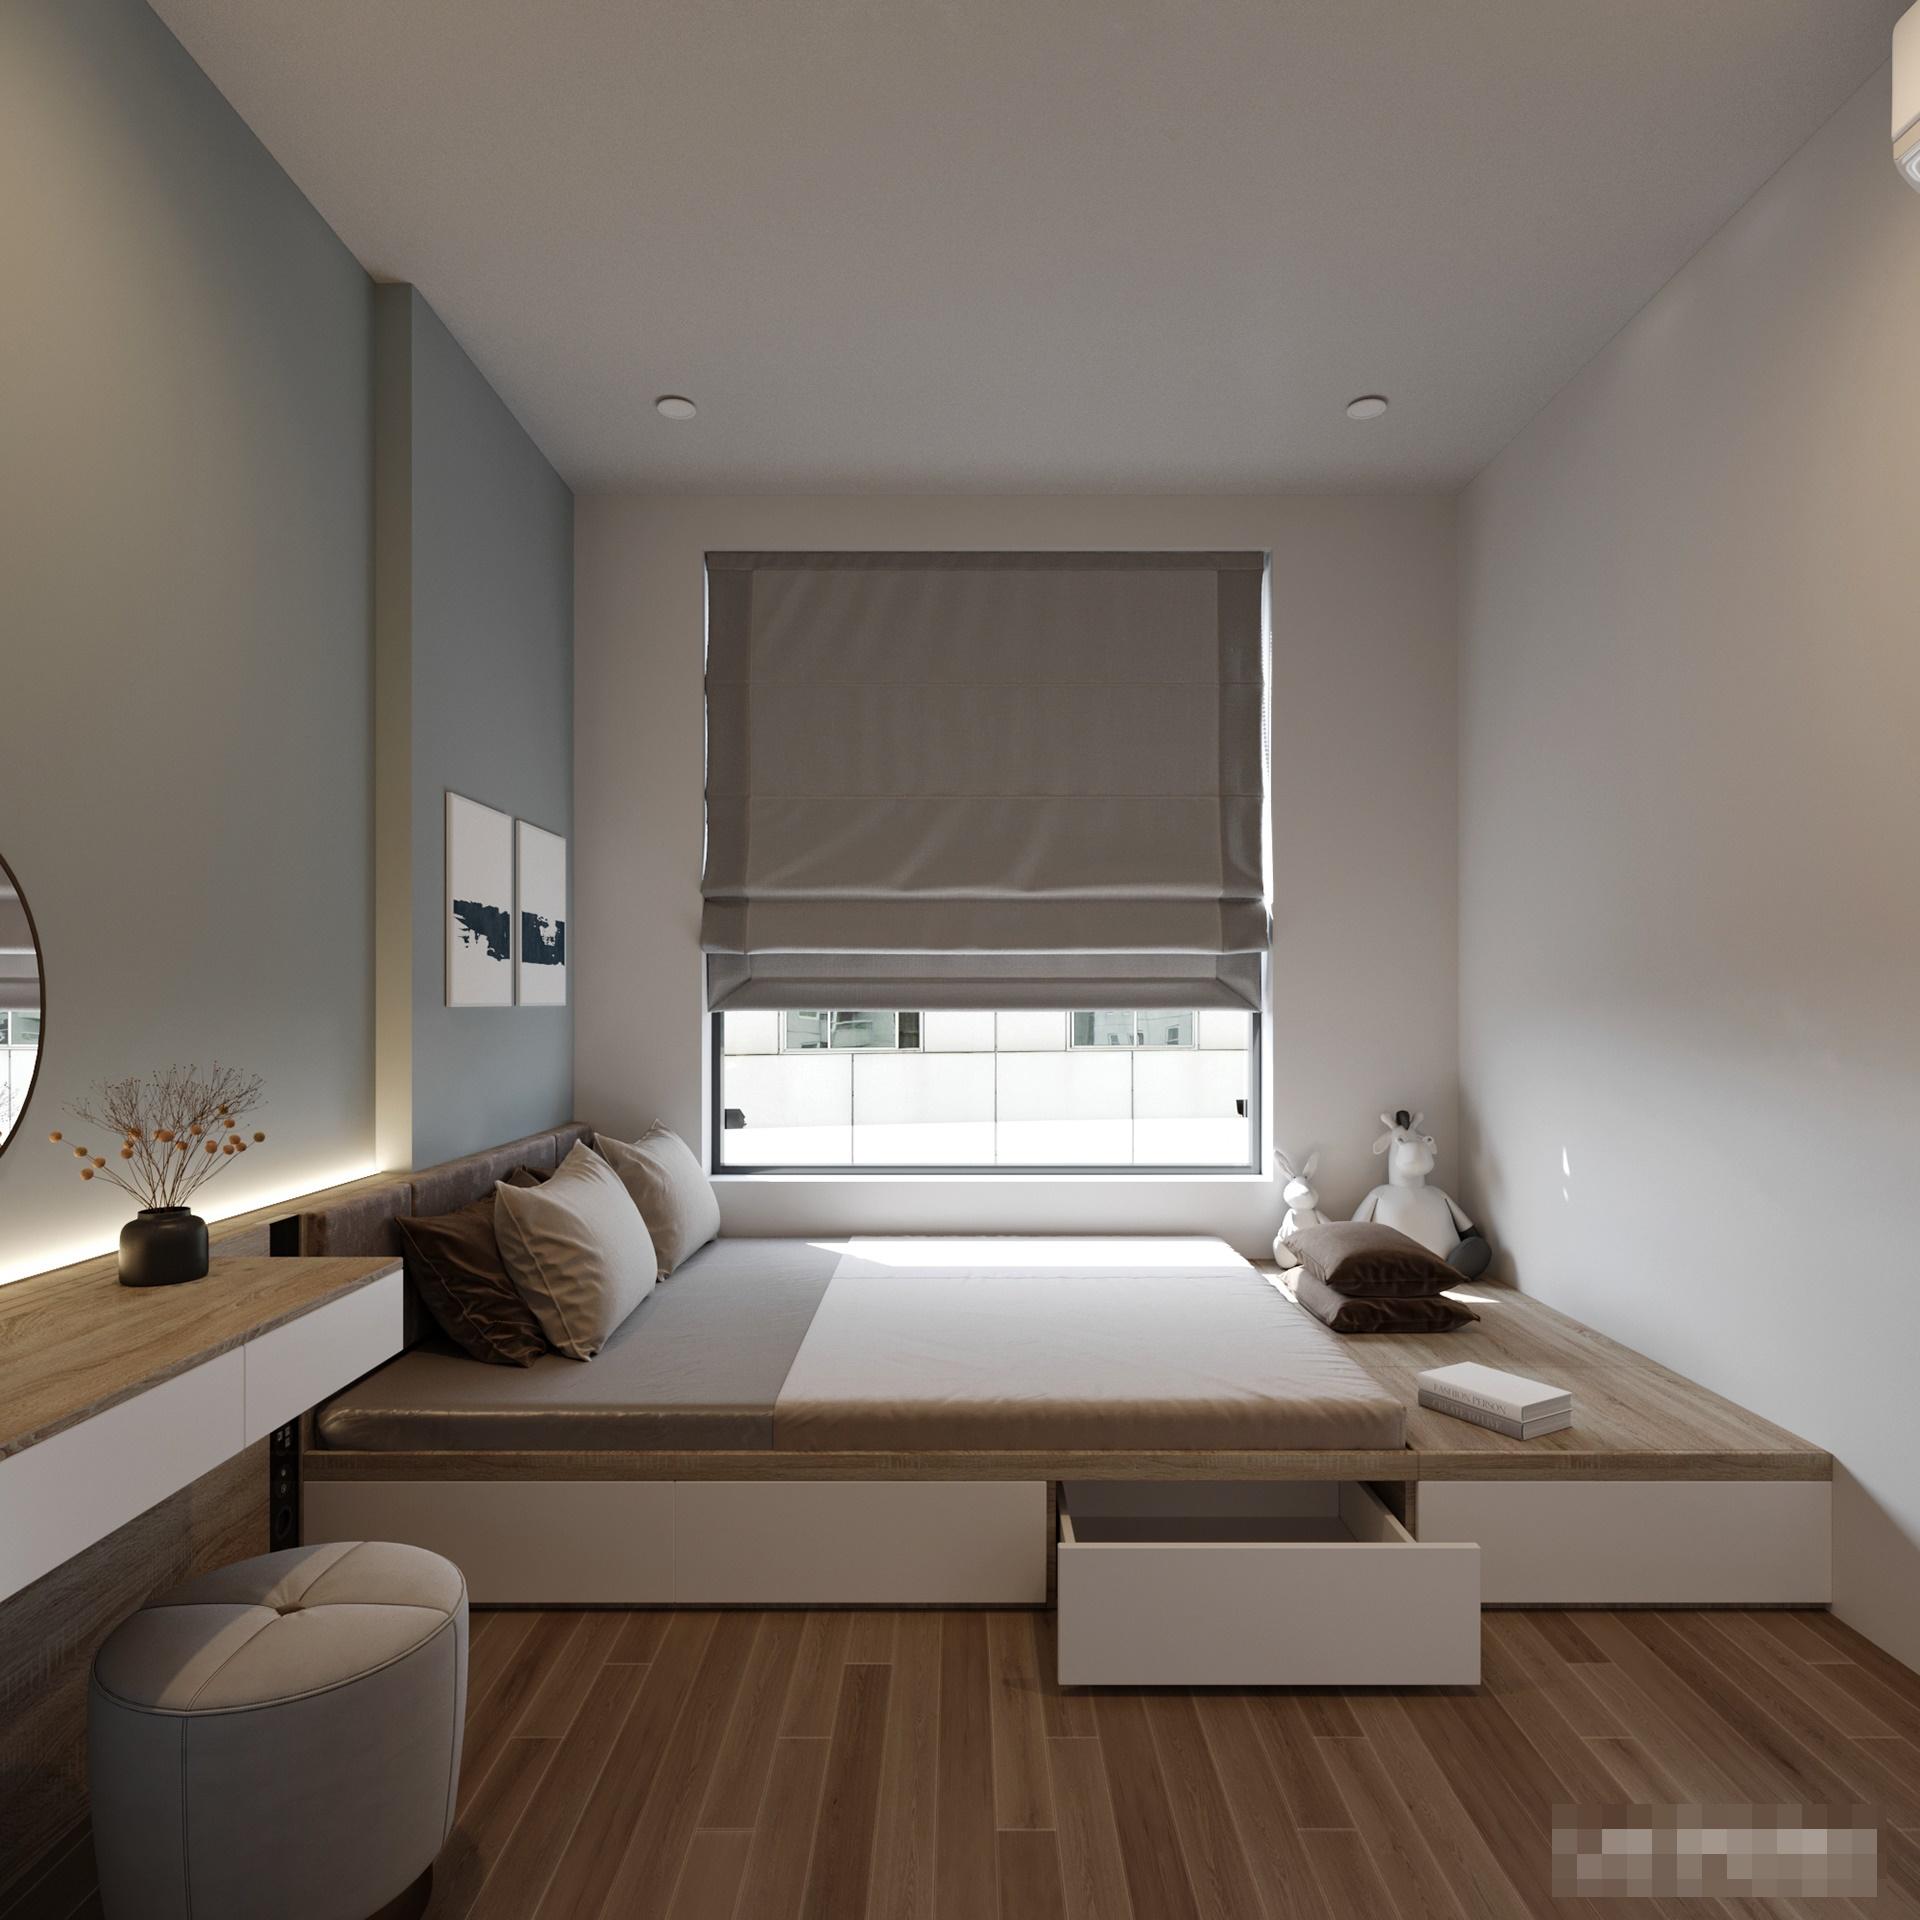 Giường ngủ kết hợp ngăn kéo bên dưới giúp tận dụng tối đa diện tích căn phòng